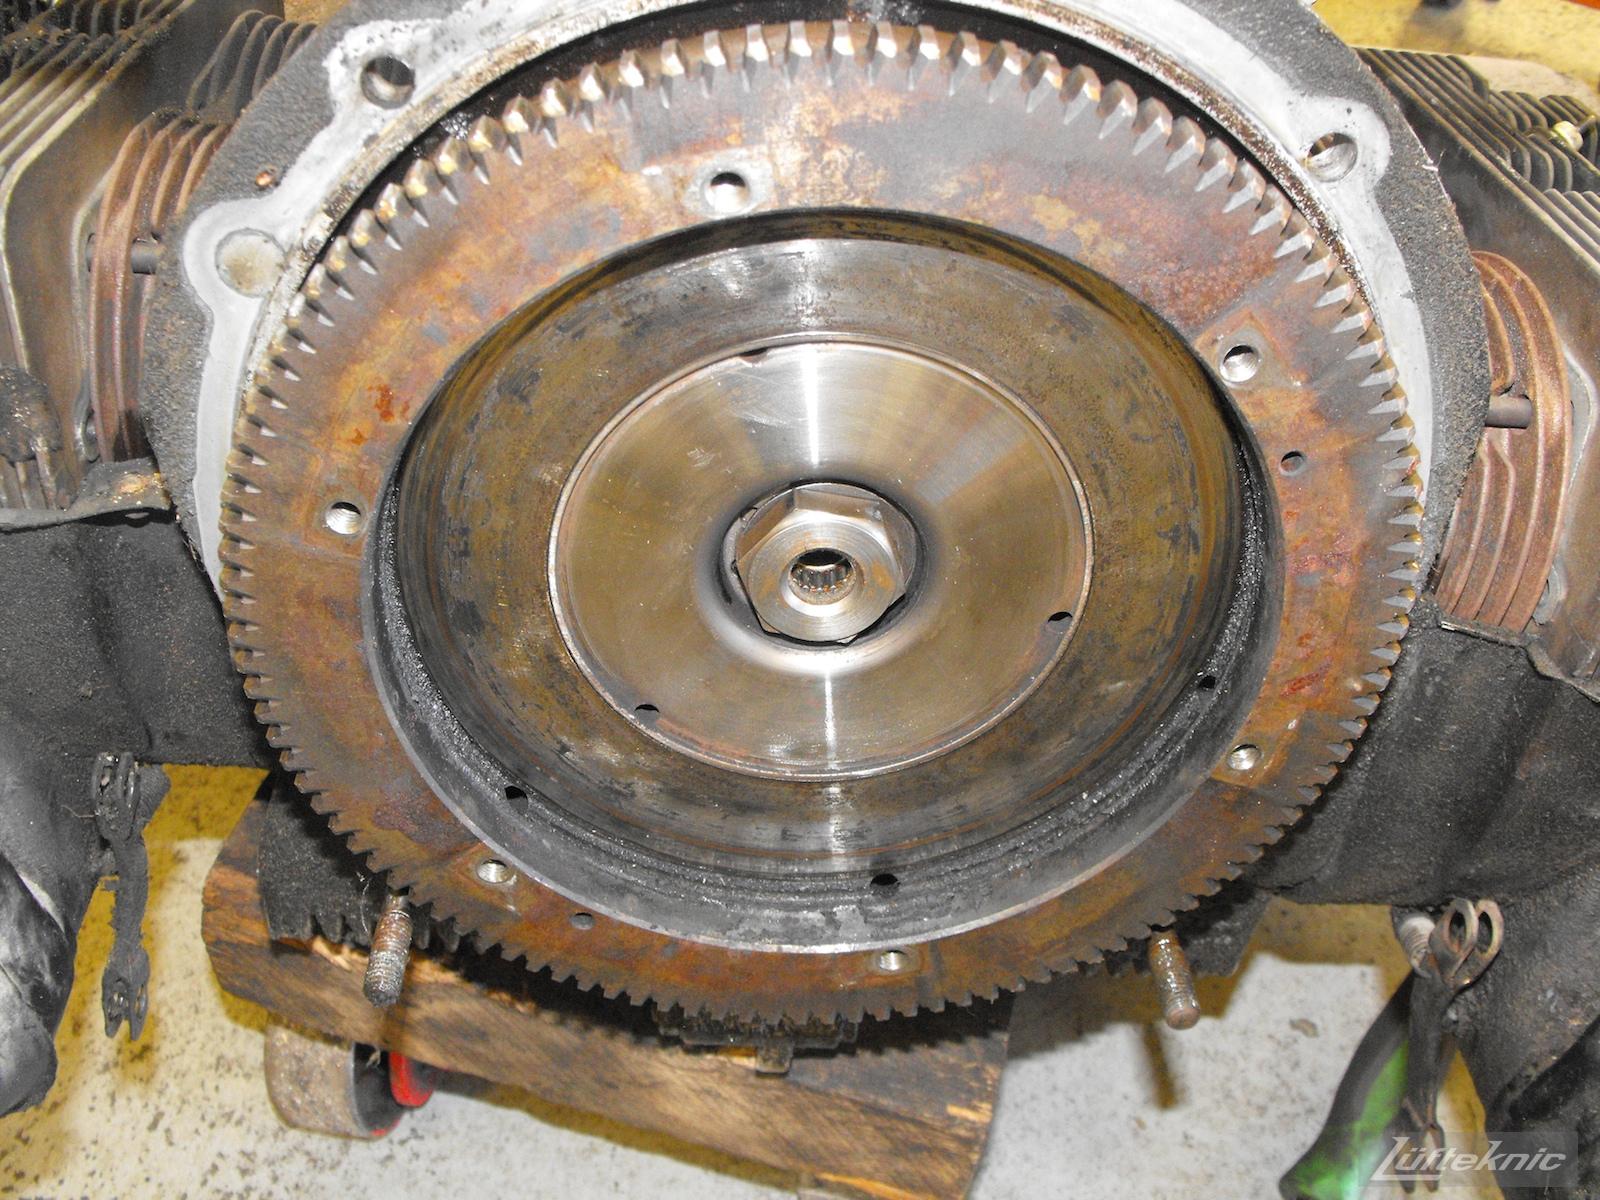 Flywheel for a 1964 Porsche 356SC restoration.